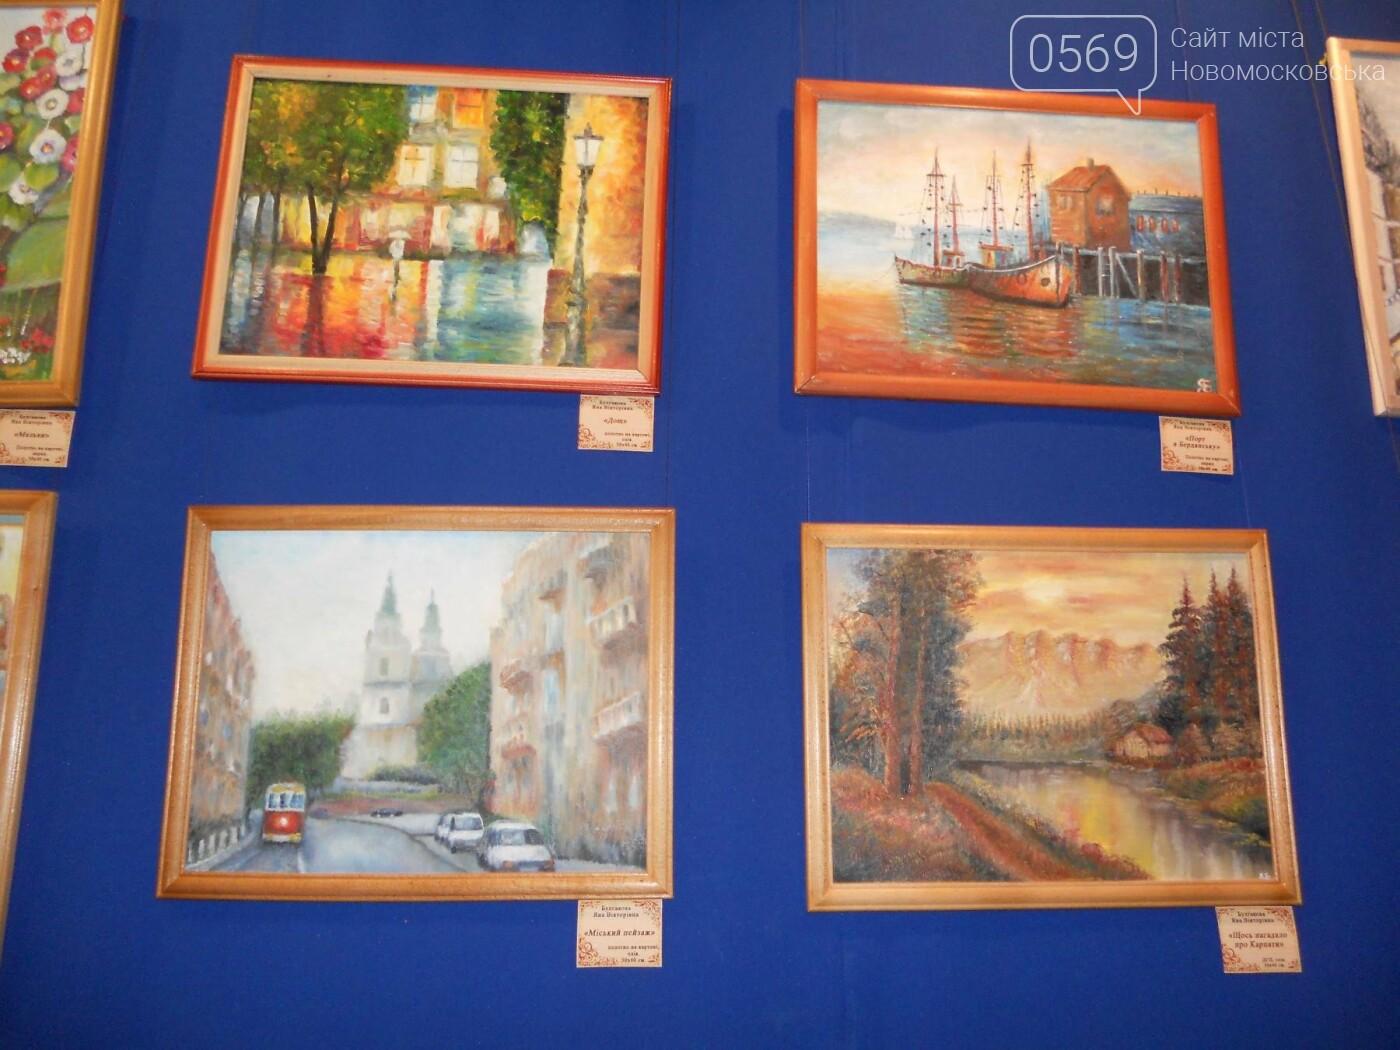 В Новомосковске открылась выставка молодых художников, фото-6